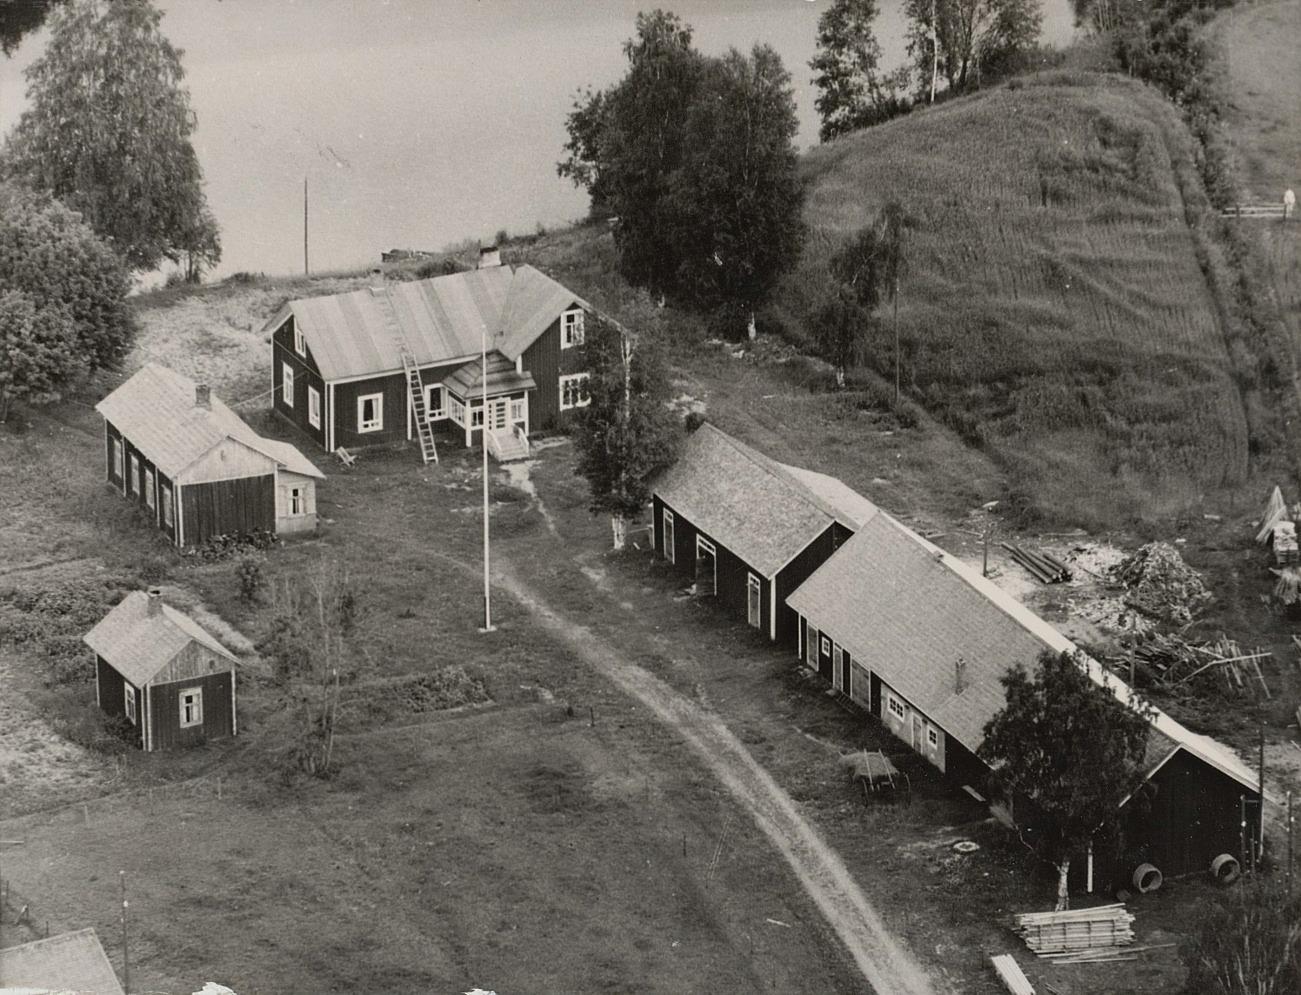 På den här flygbilden från 1960-talet så ser åkern bredvid gården ut som ett högt berg men i själva verket är det nog bara en vanlig, slät åkerplätt.